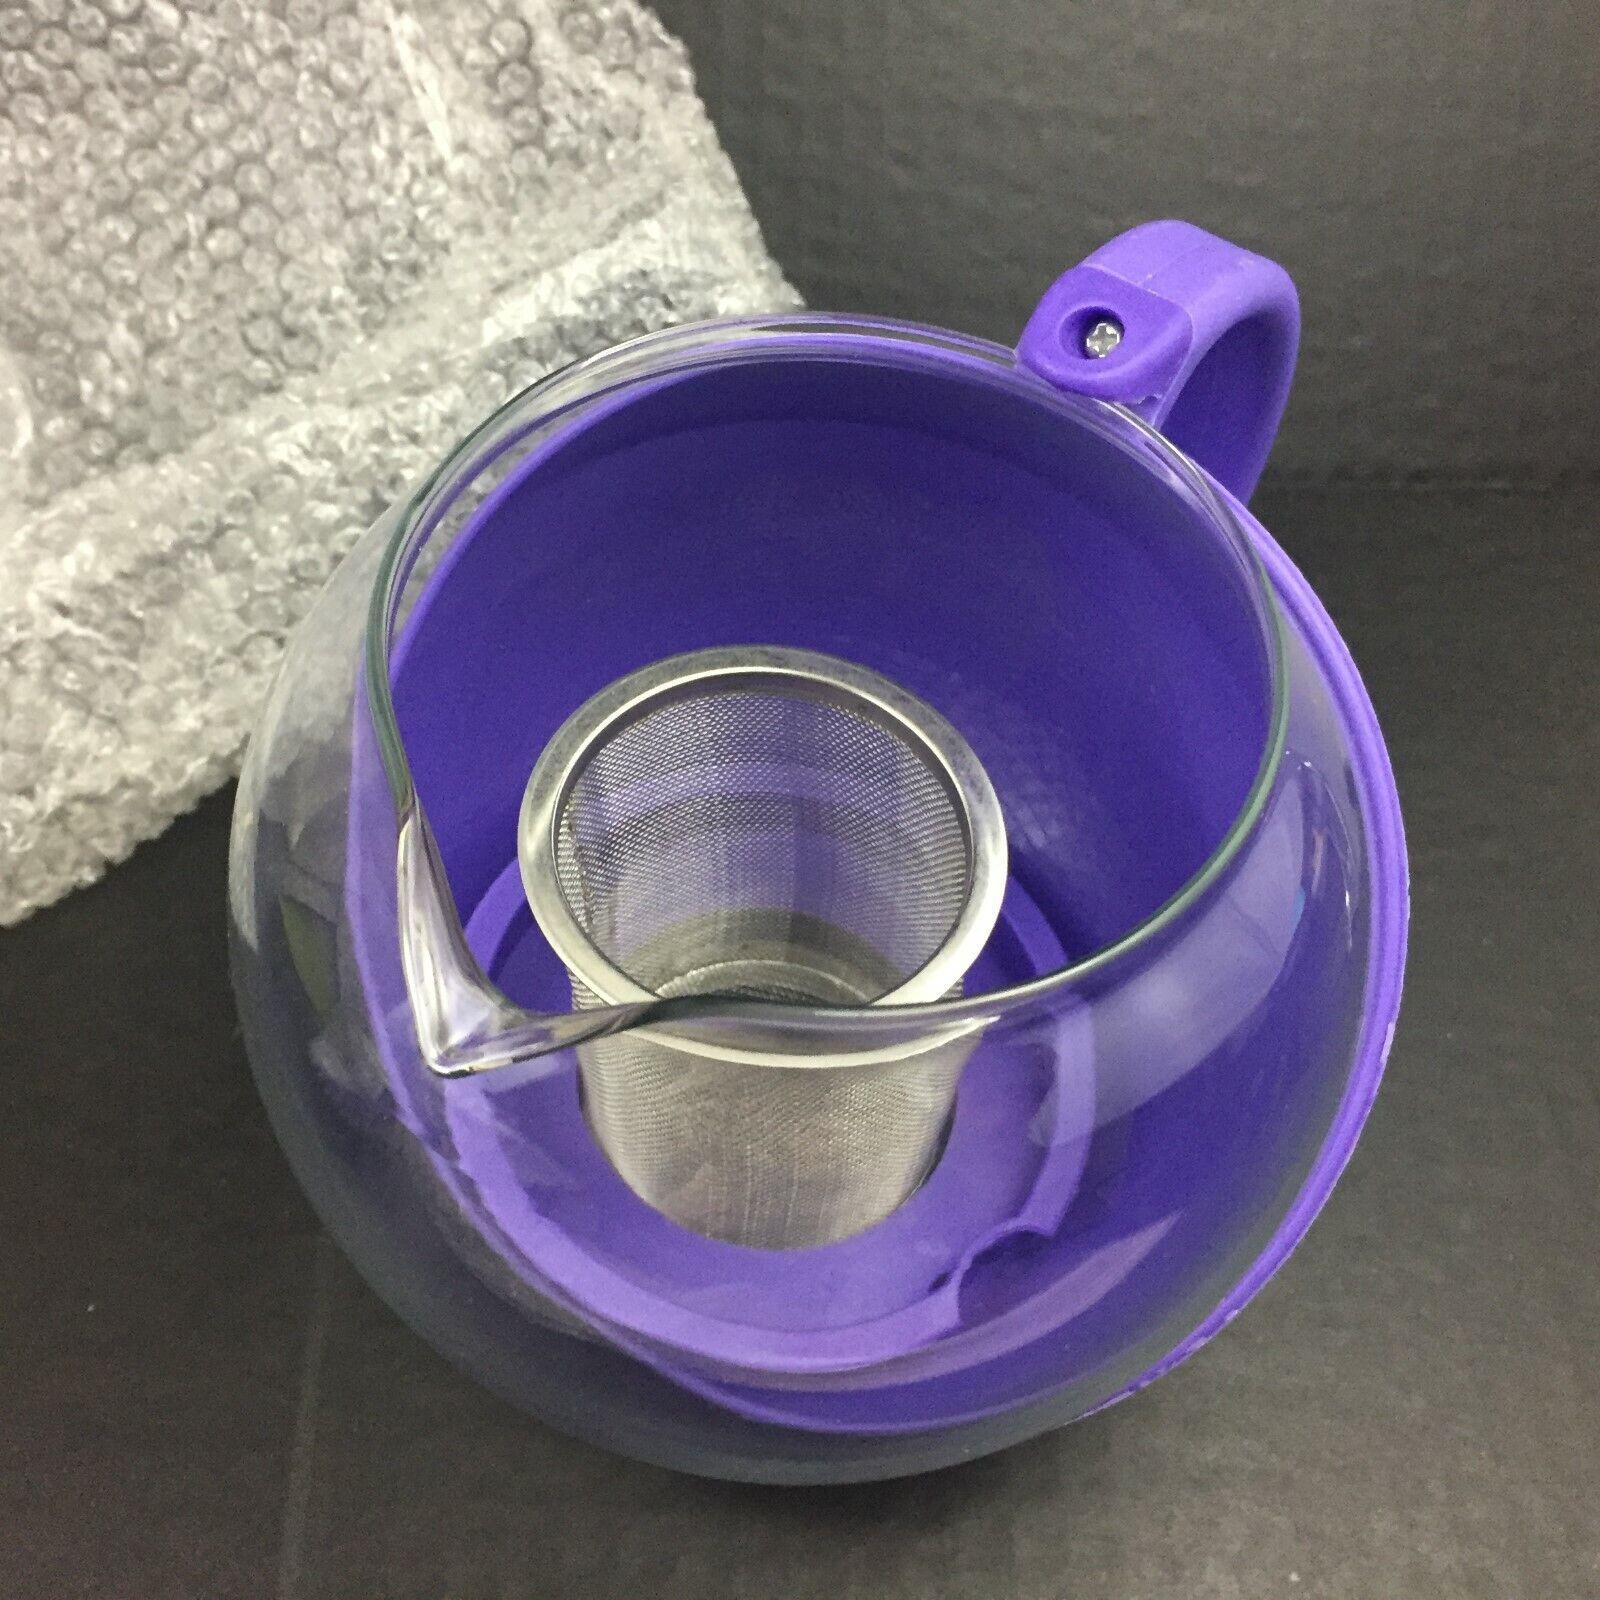 Primula Glass Teapot 40 oz / 5 Cup w/ 12 Flowering Teas PURP